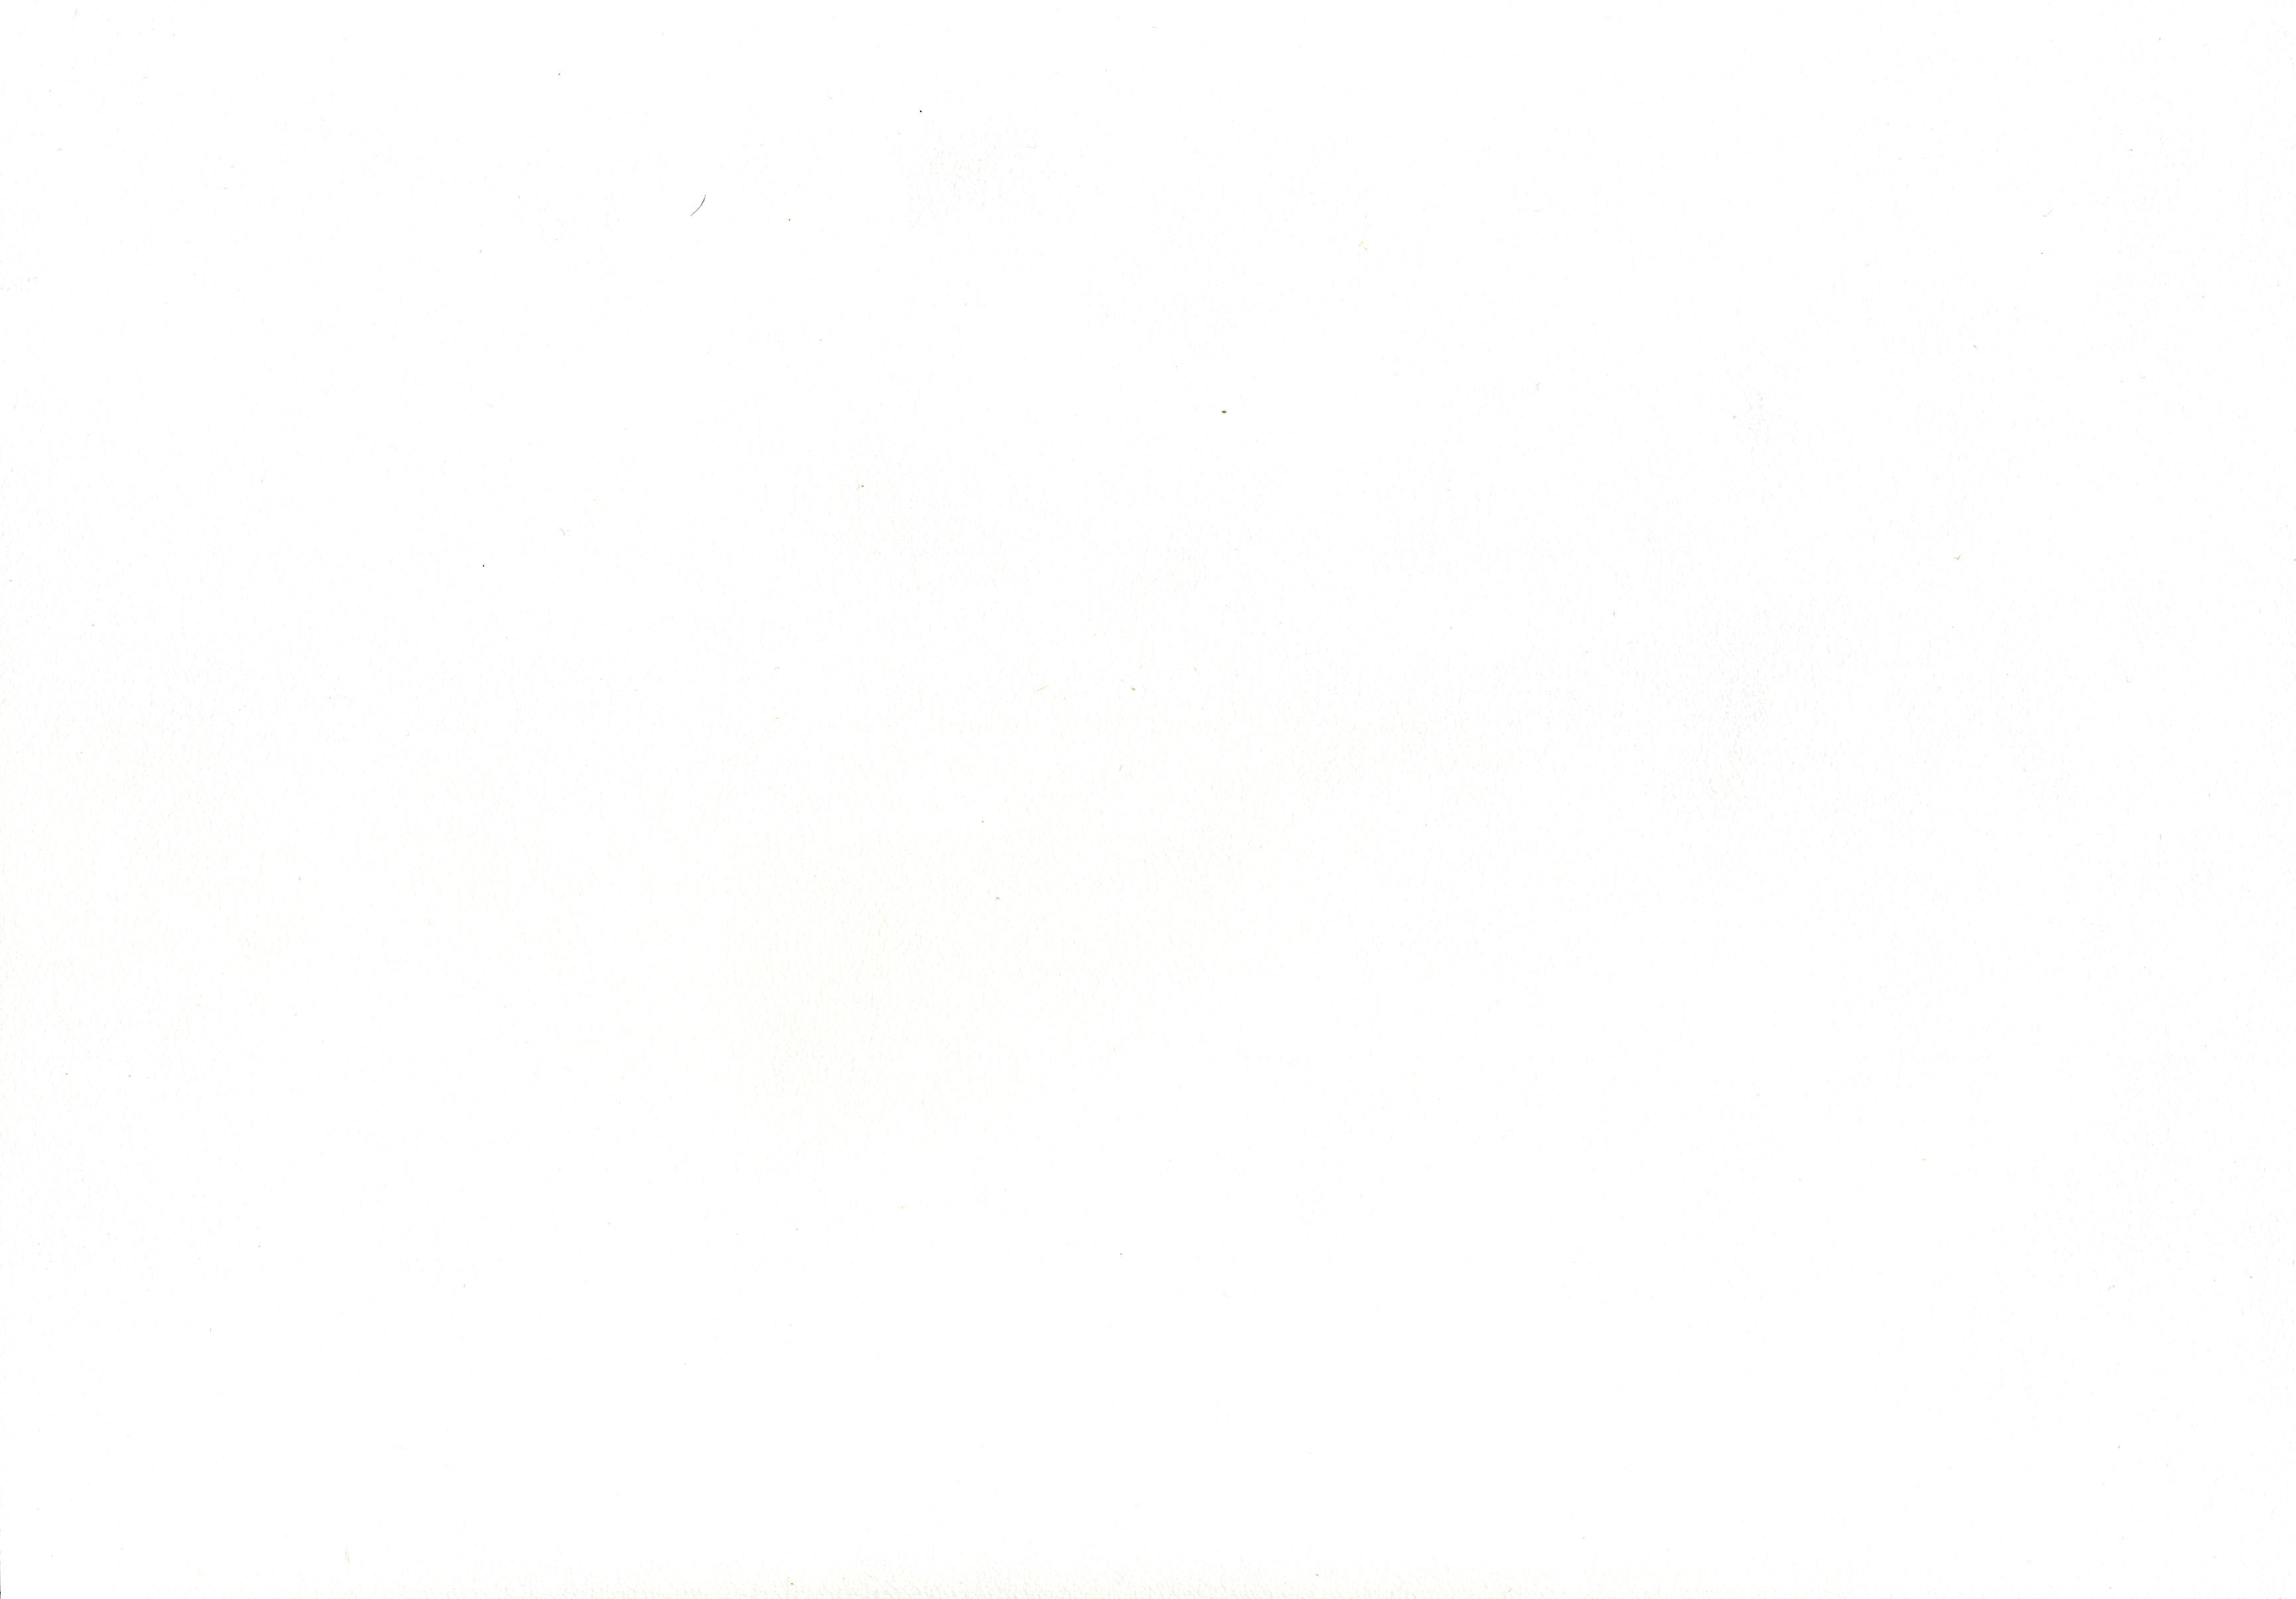 1110-S,6 1111-S White (2)